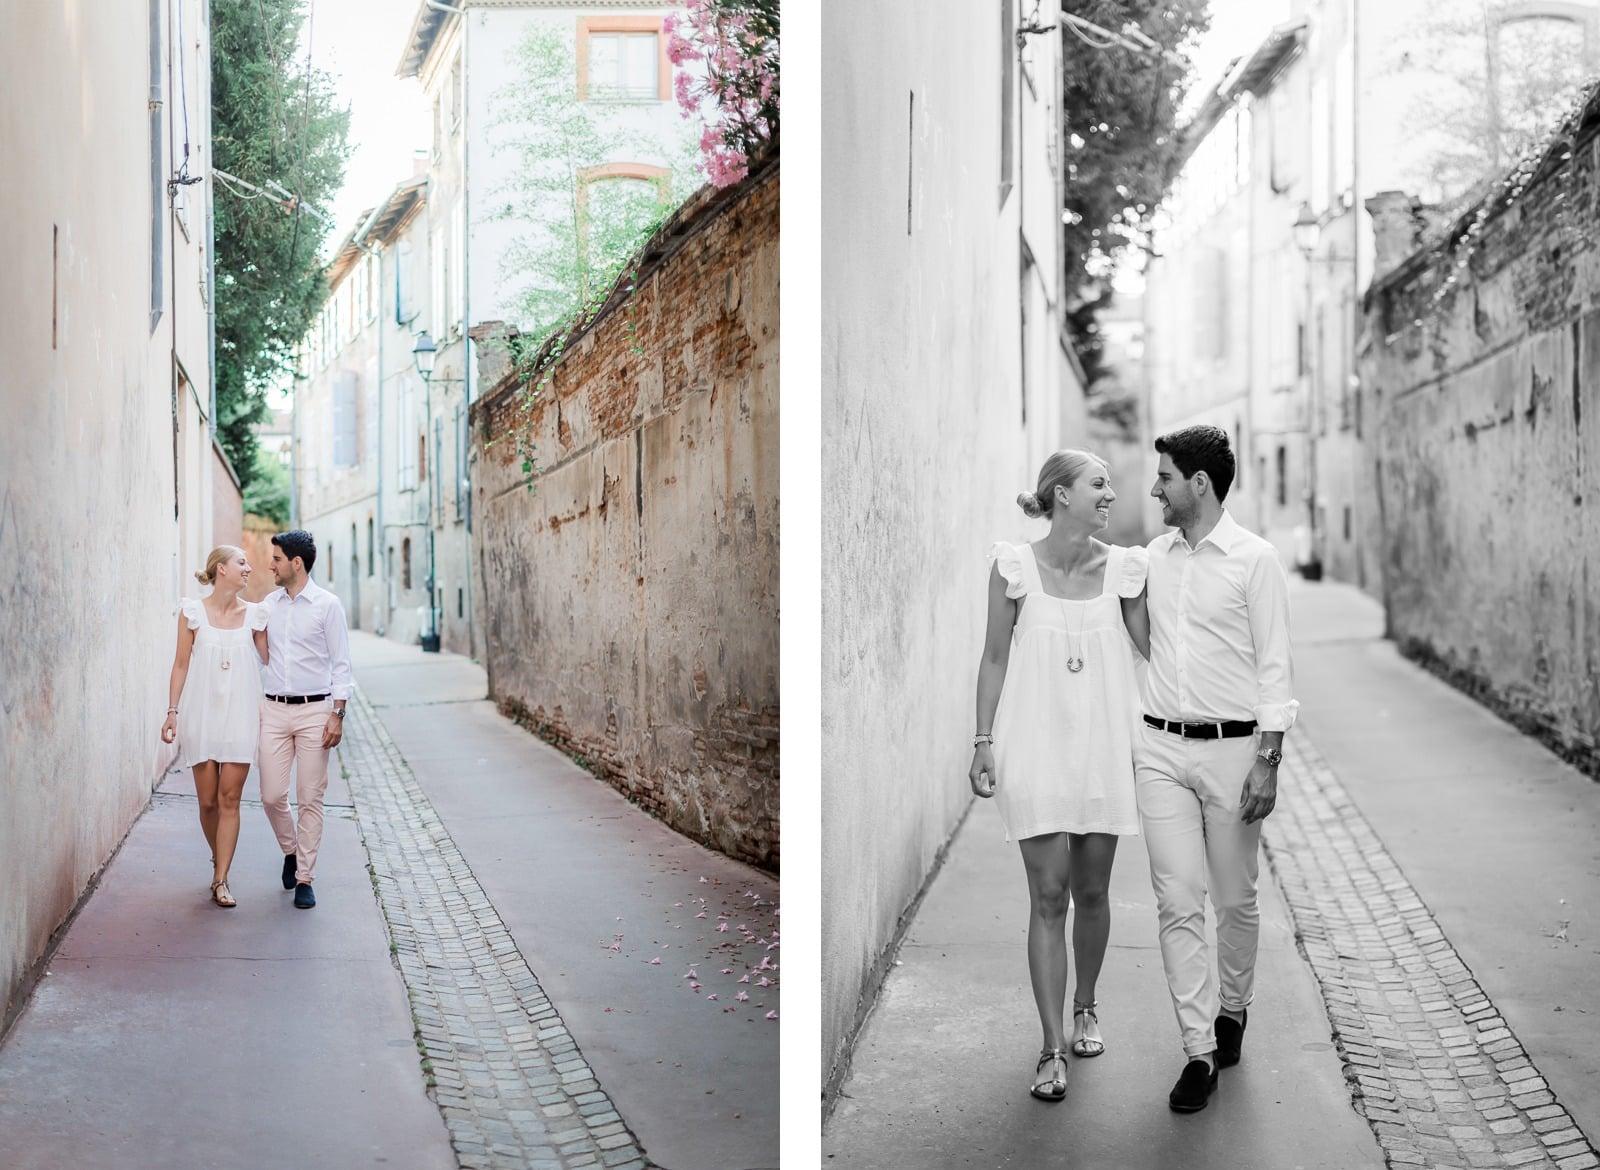 Photographie de Mathieu Dété, photographe de couple et famille à Saint-Pierre de la Réunion (974), présentant un couple se baladant dans les ruelles du centre de Toulouse